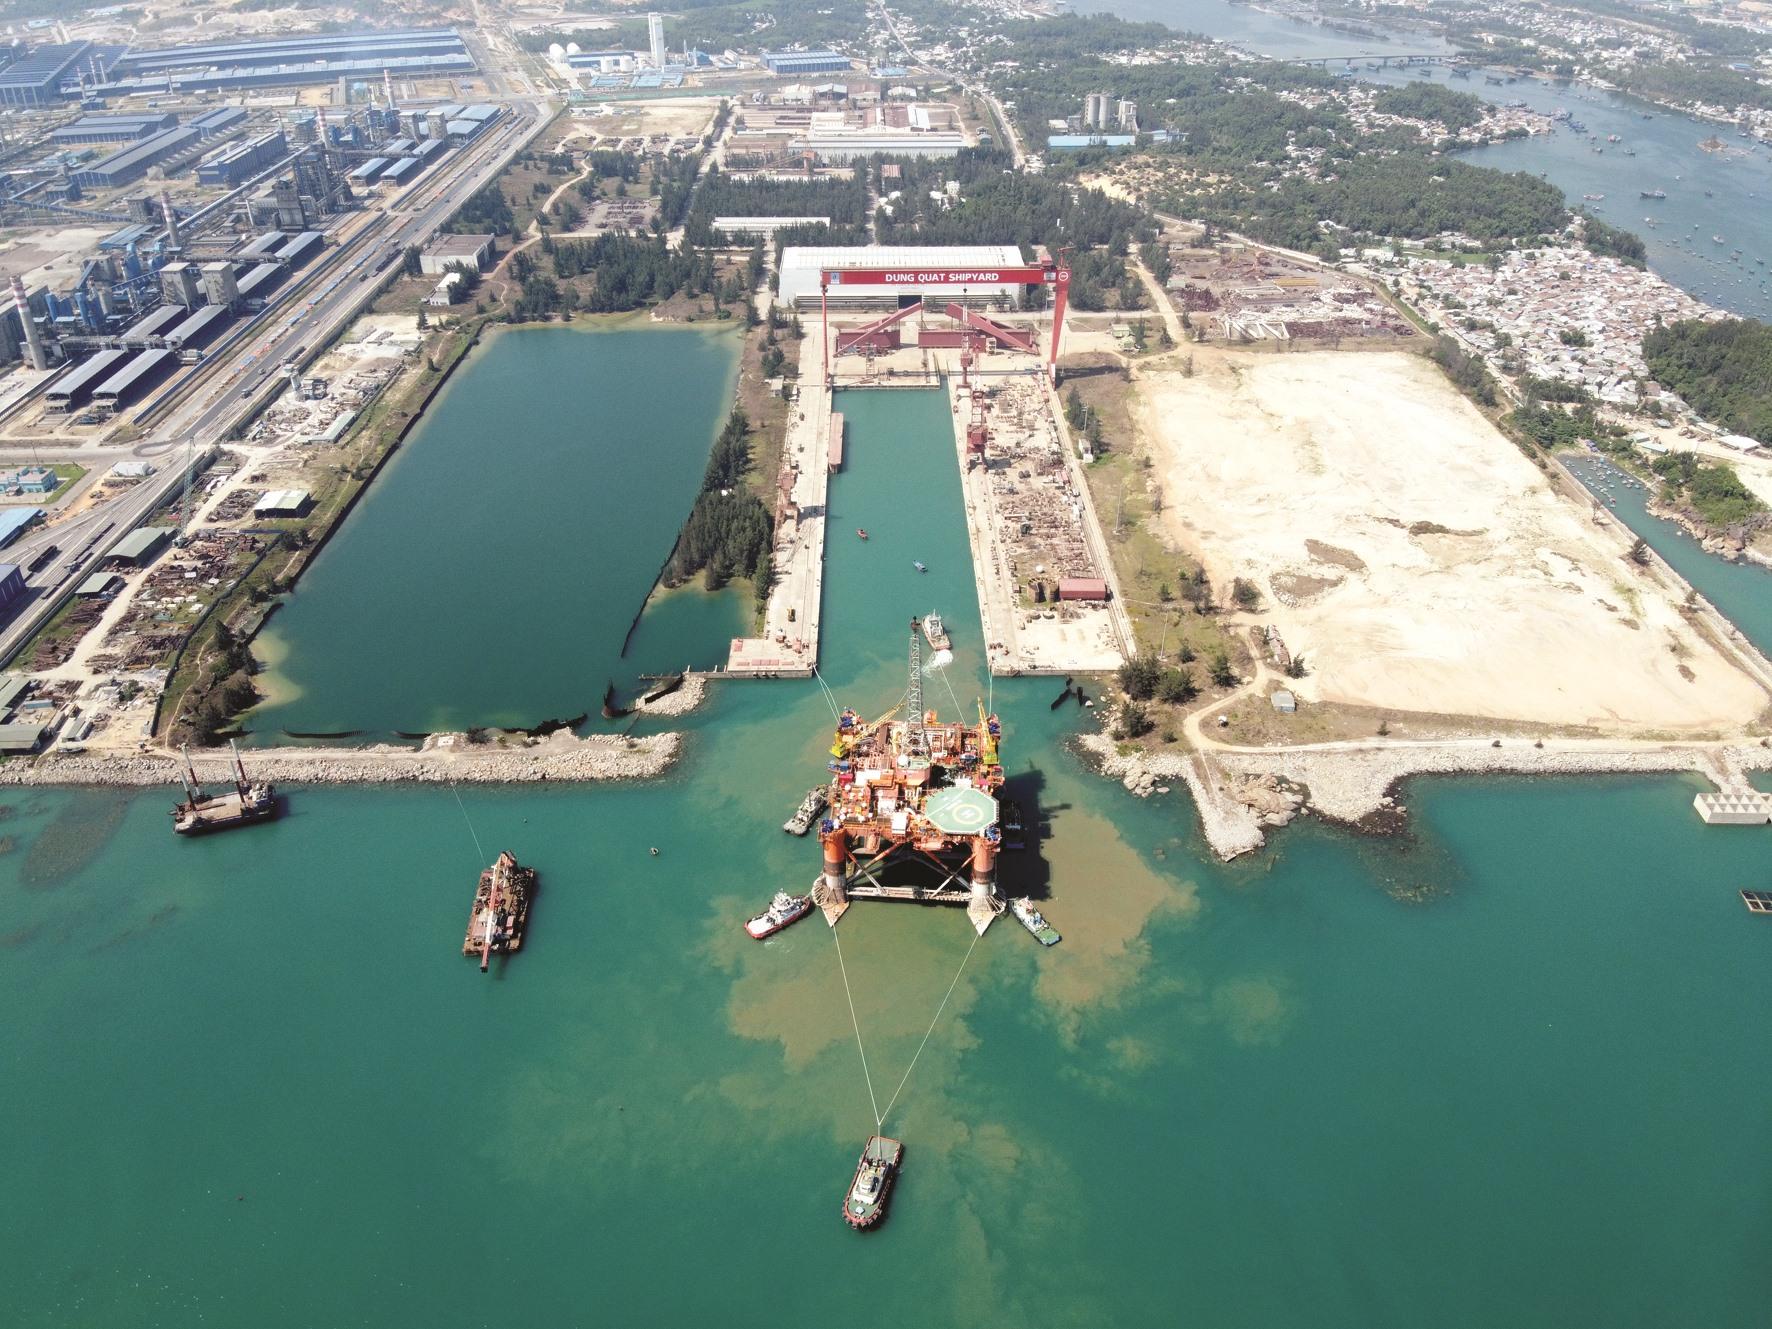 Sản lượng khai thác của giàn khoan dầu khí này lên đến 8.000 thùng dầu mỗi ngày.